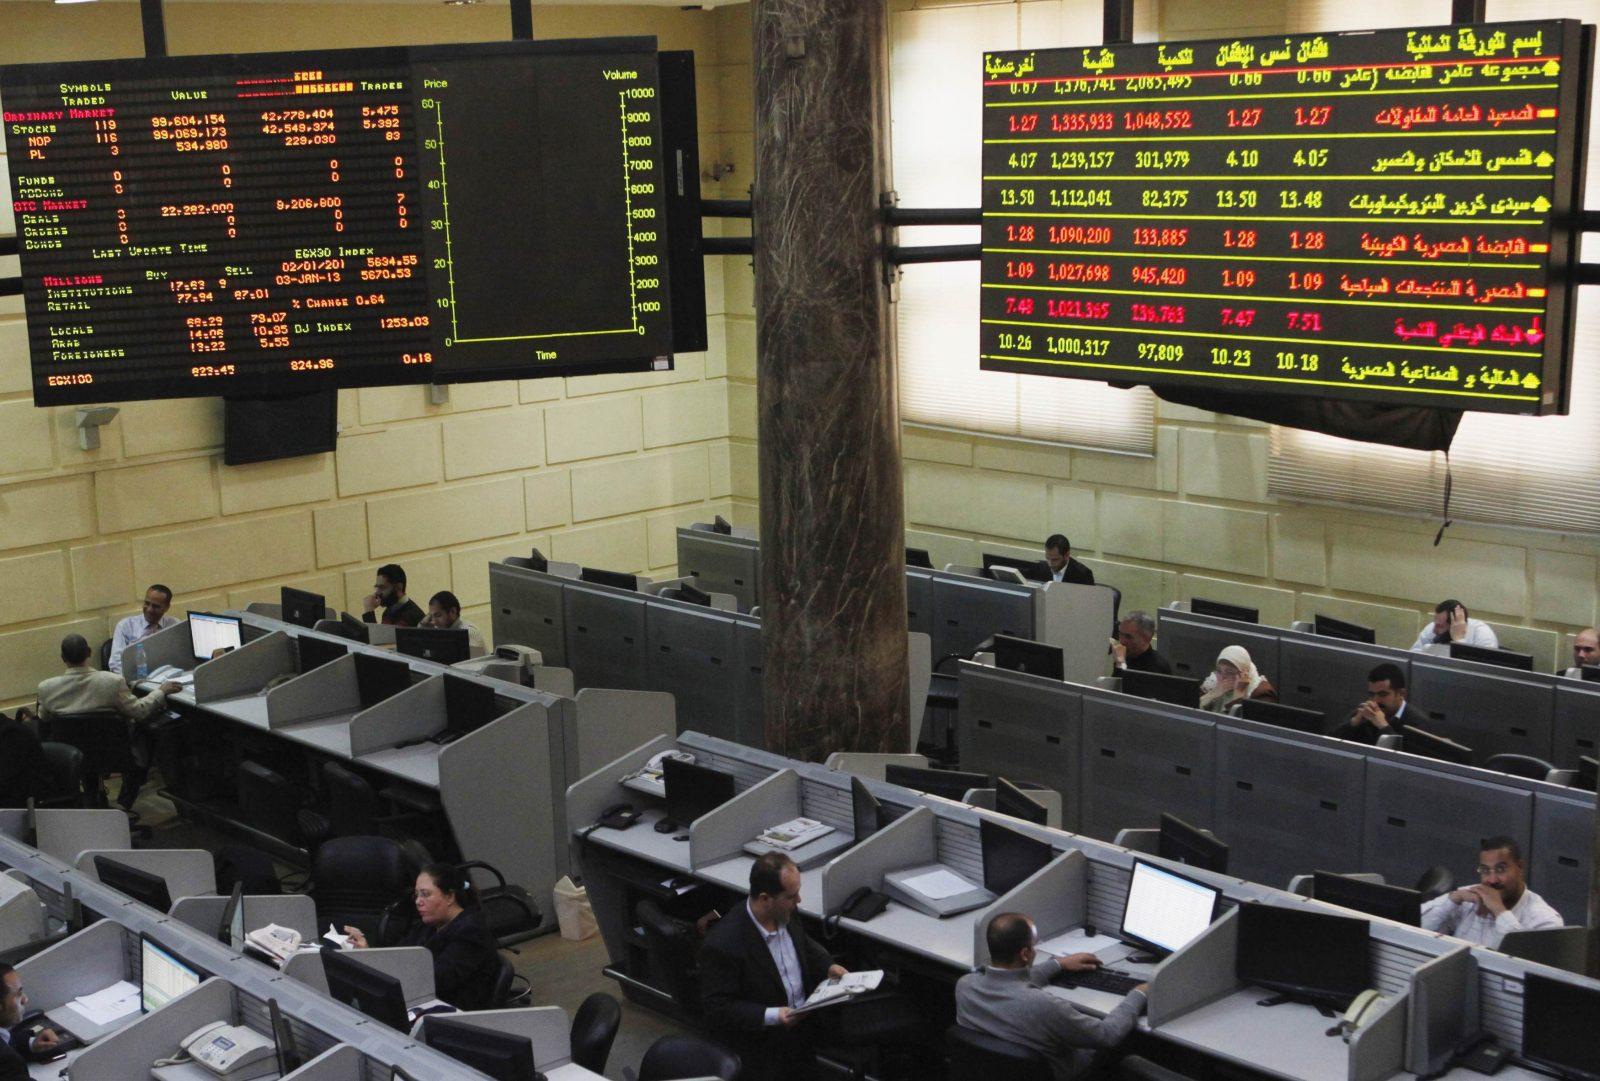 البورصة تتأرجح فى الختام والعرب والأجانب الأكثر بيعا - جريدة المال